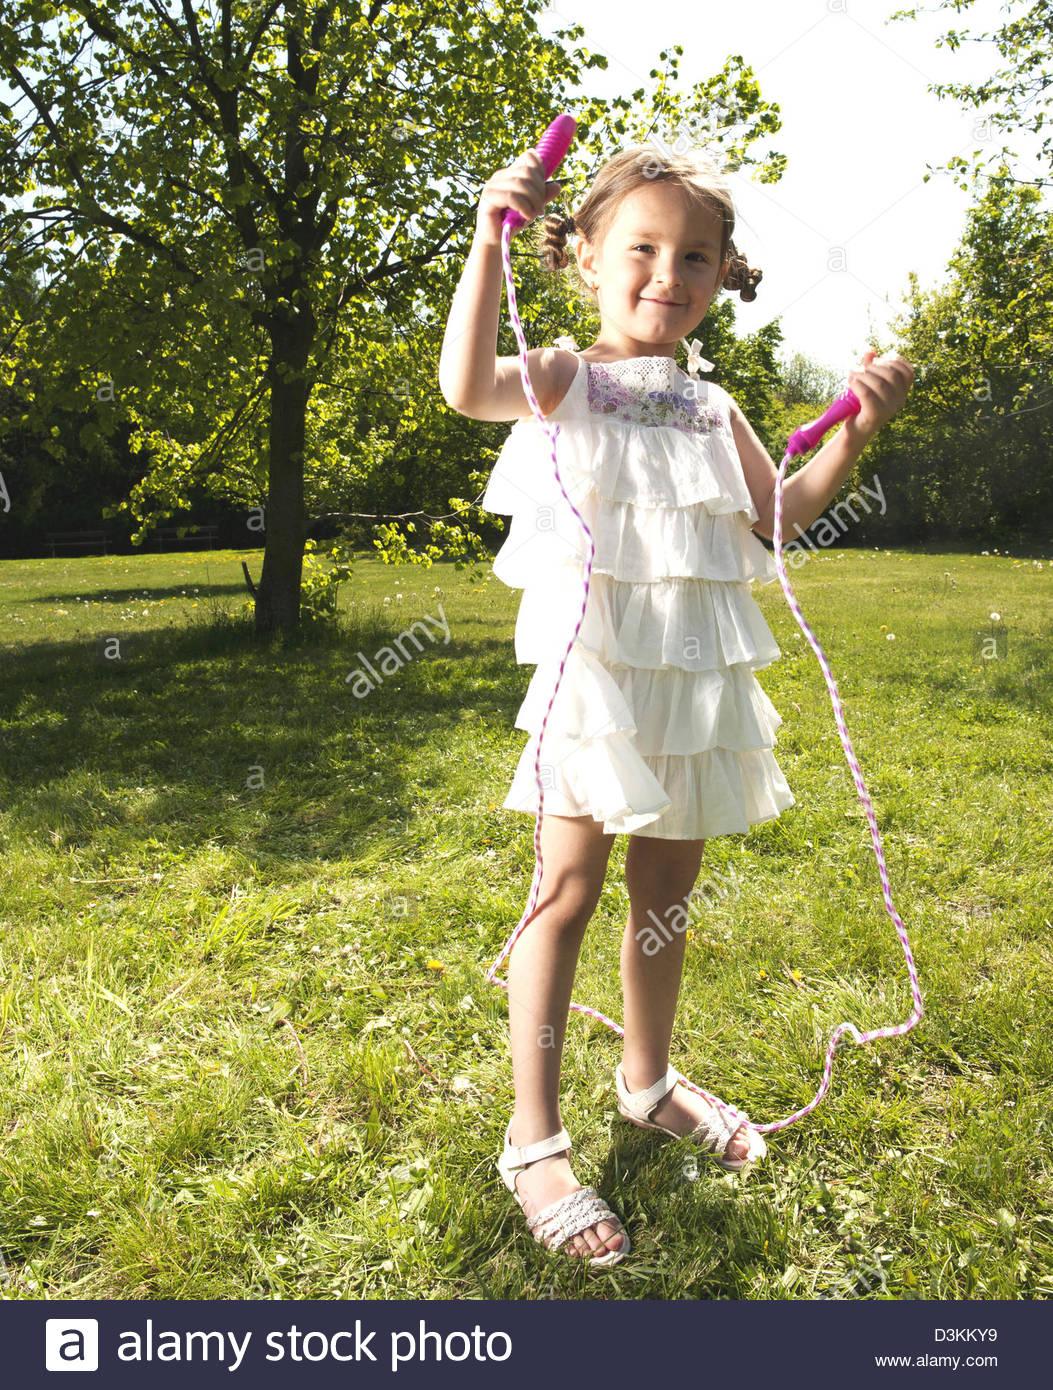 Kleine Mädchen spielen mit einem Springseil Stockbild